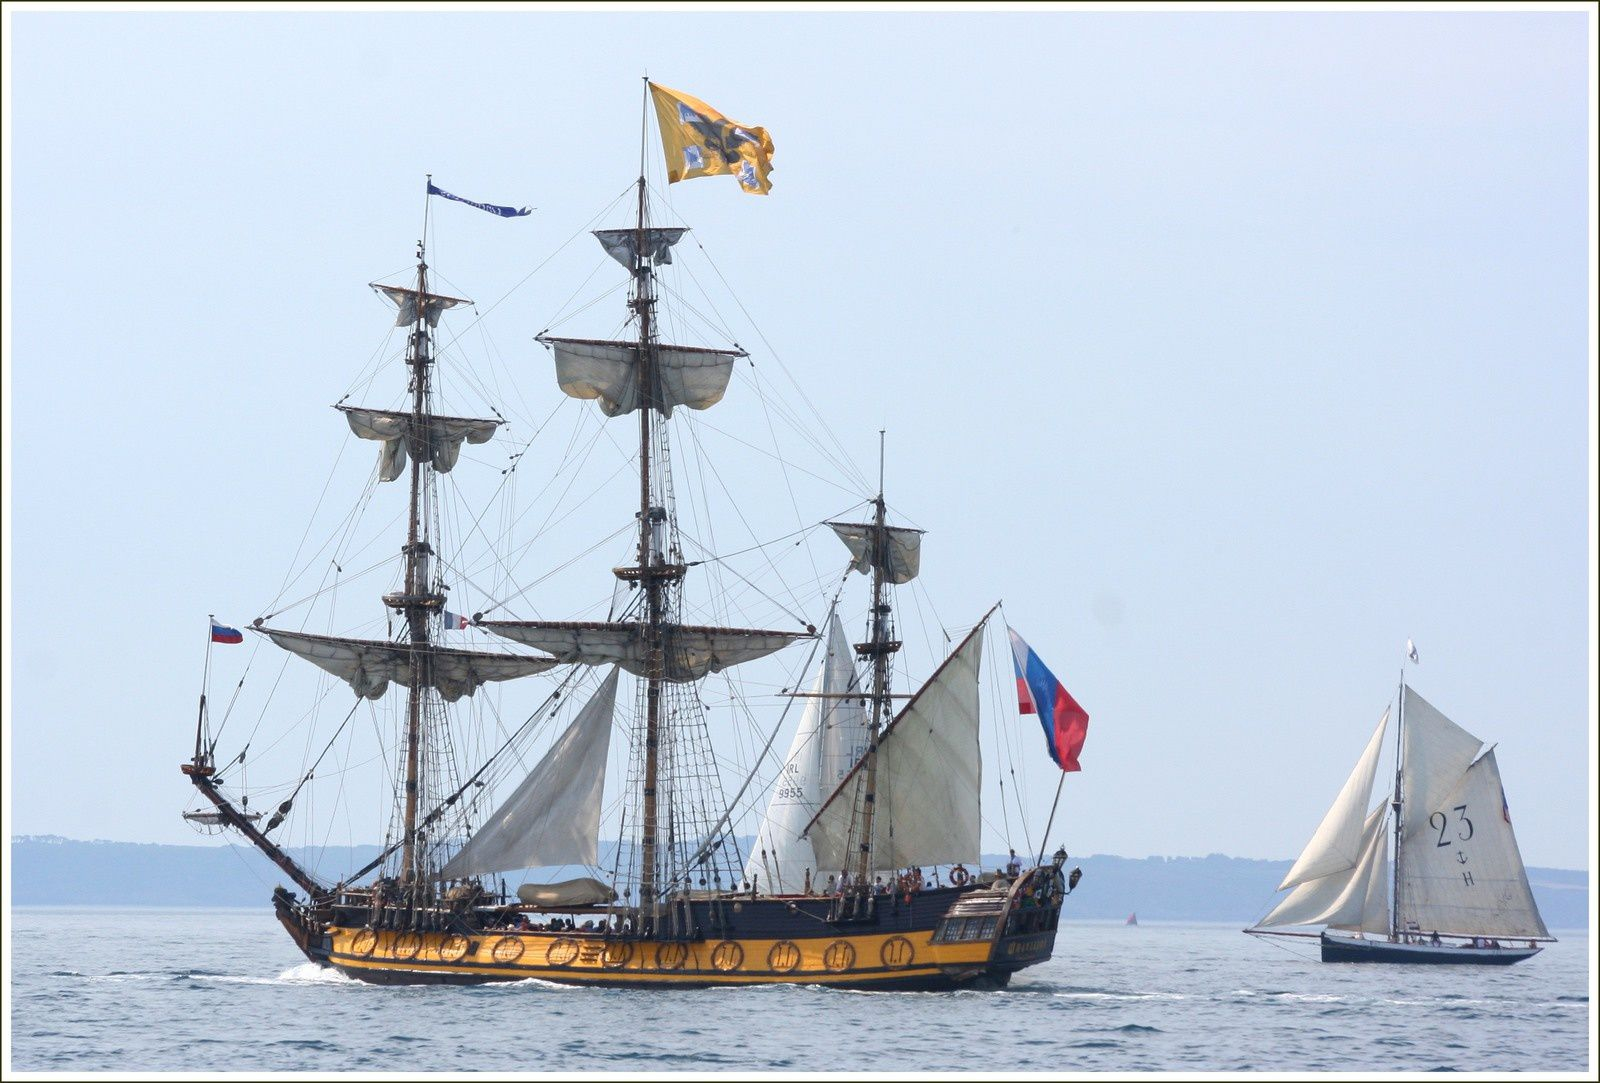 Trois mâts carré russe Shtandart 2016 mer d'Iroise.